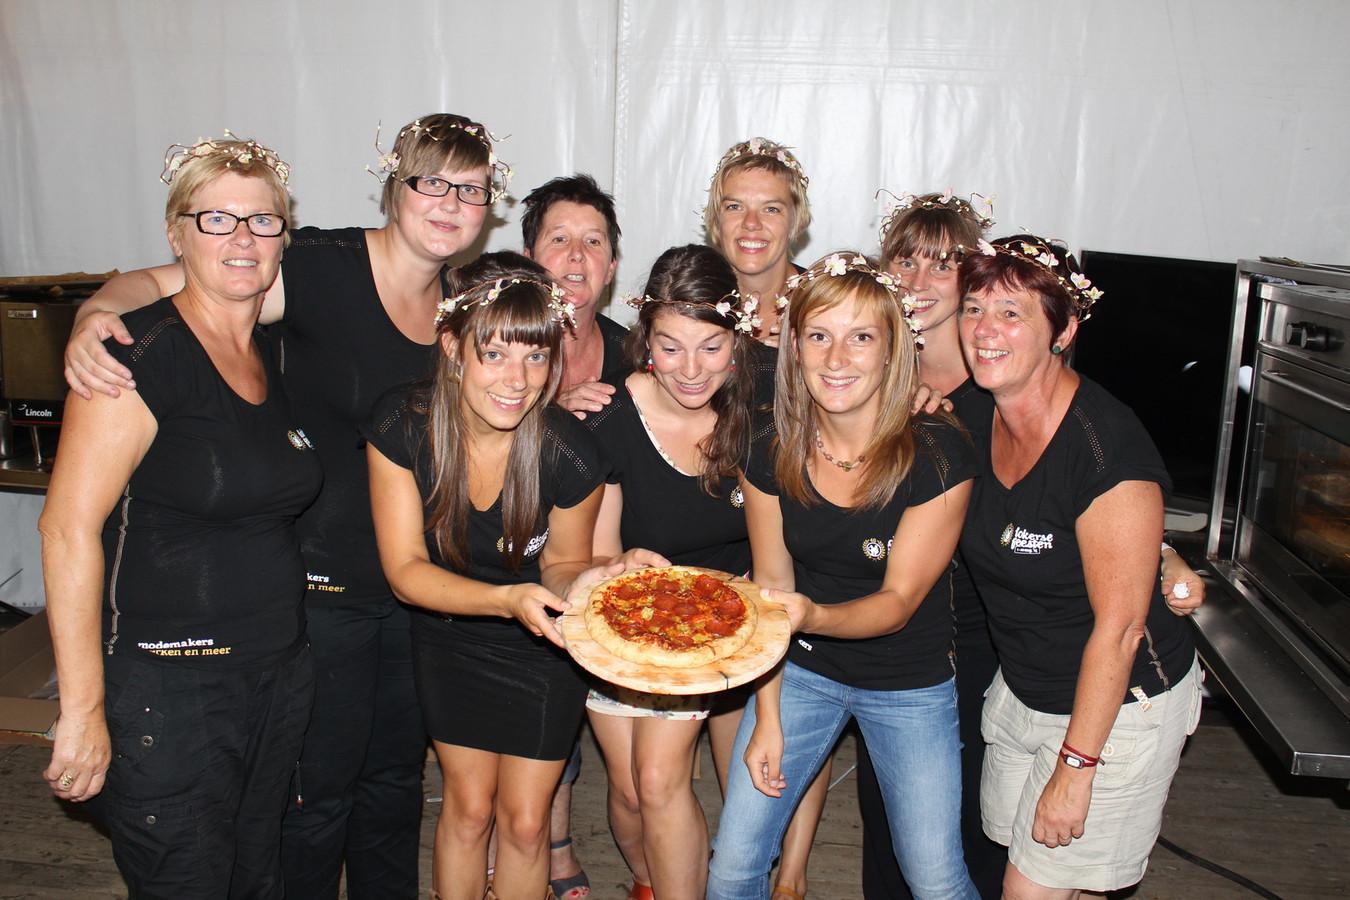 De dames van het pizzakraam met een ovenverse lekkernij.